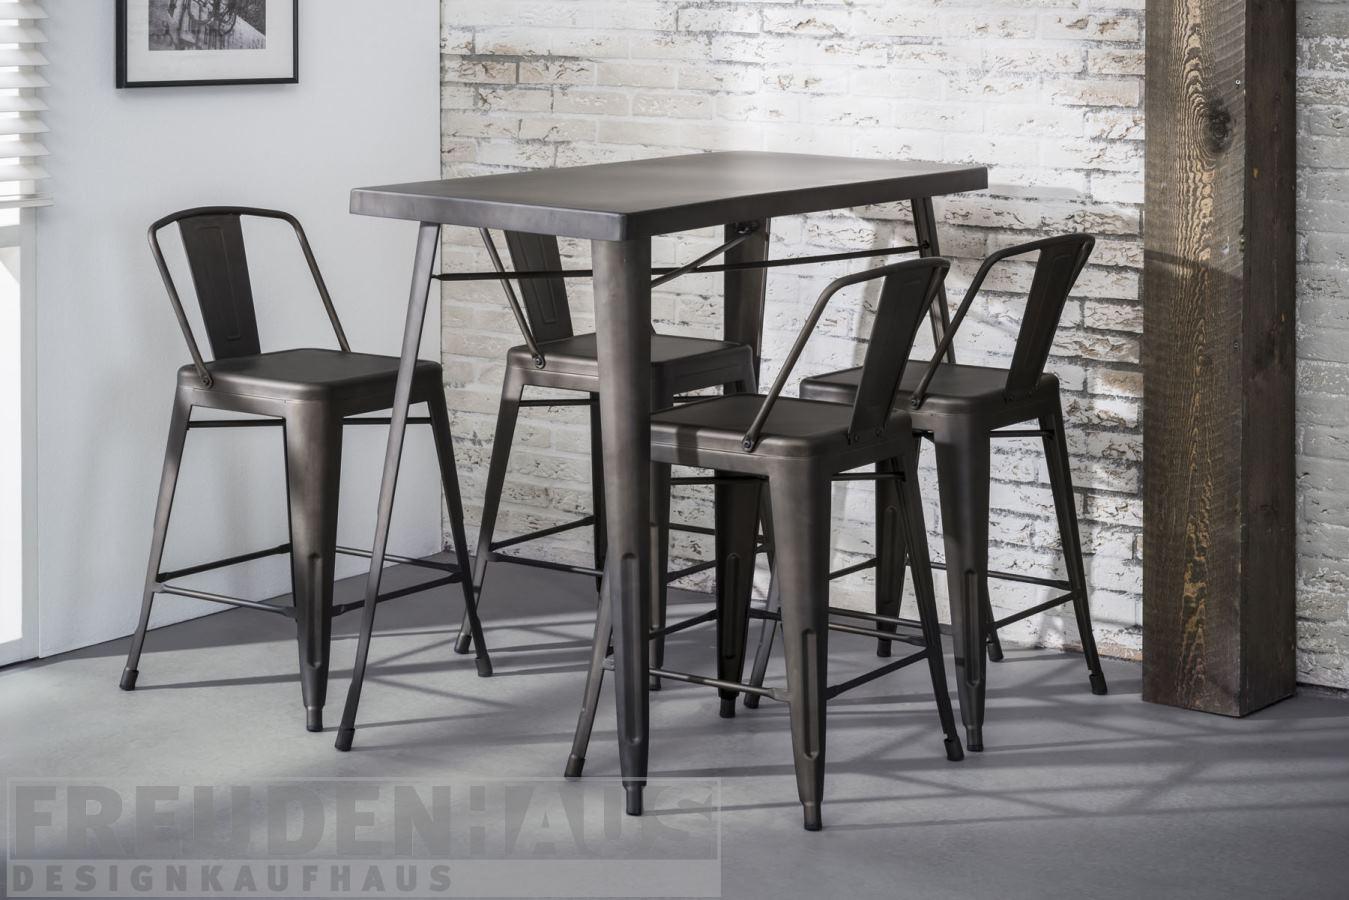 stehtisch bistro metall industrial bartisch m bel esstische vintagehaus. Black Bedroom Furniture Sets. Home Design Ideas